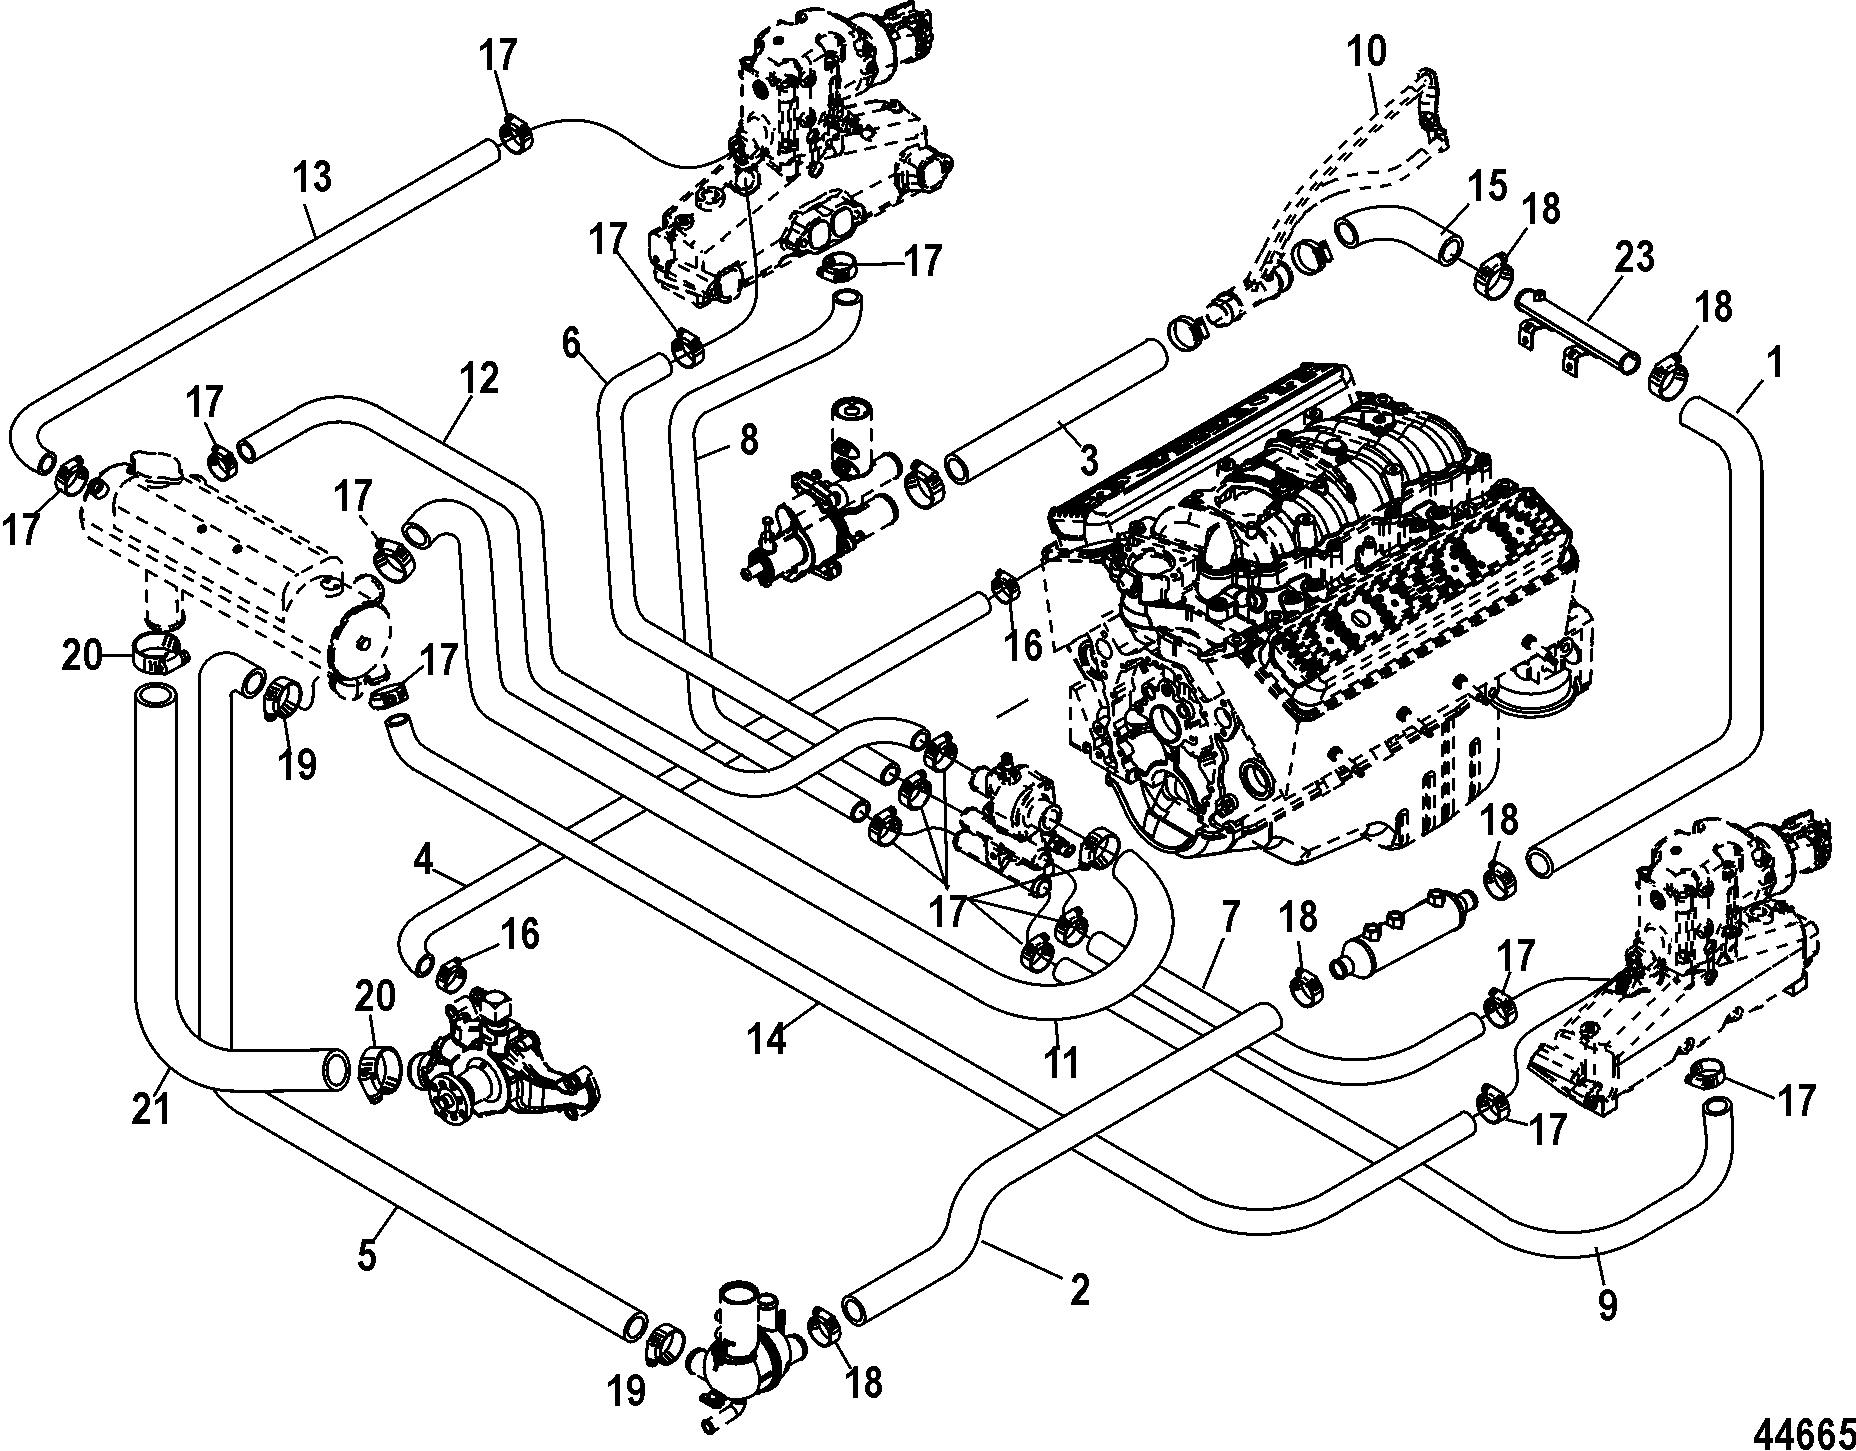 1996 Mercruiser 5 7 Wiring Diagram